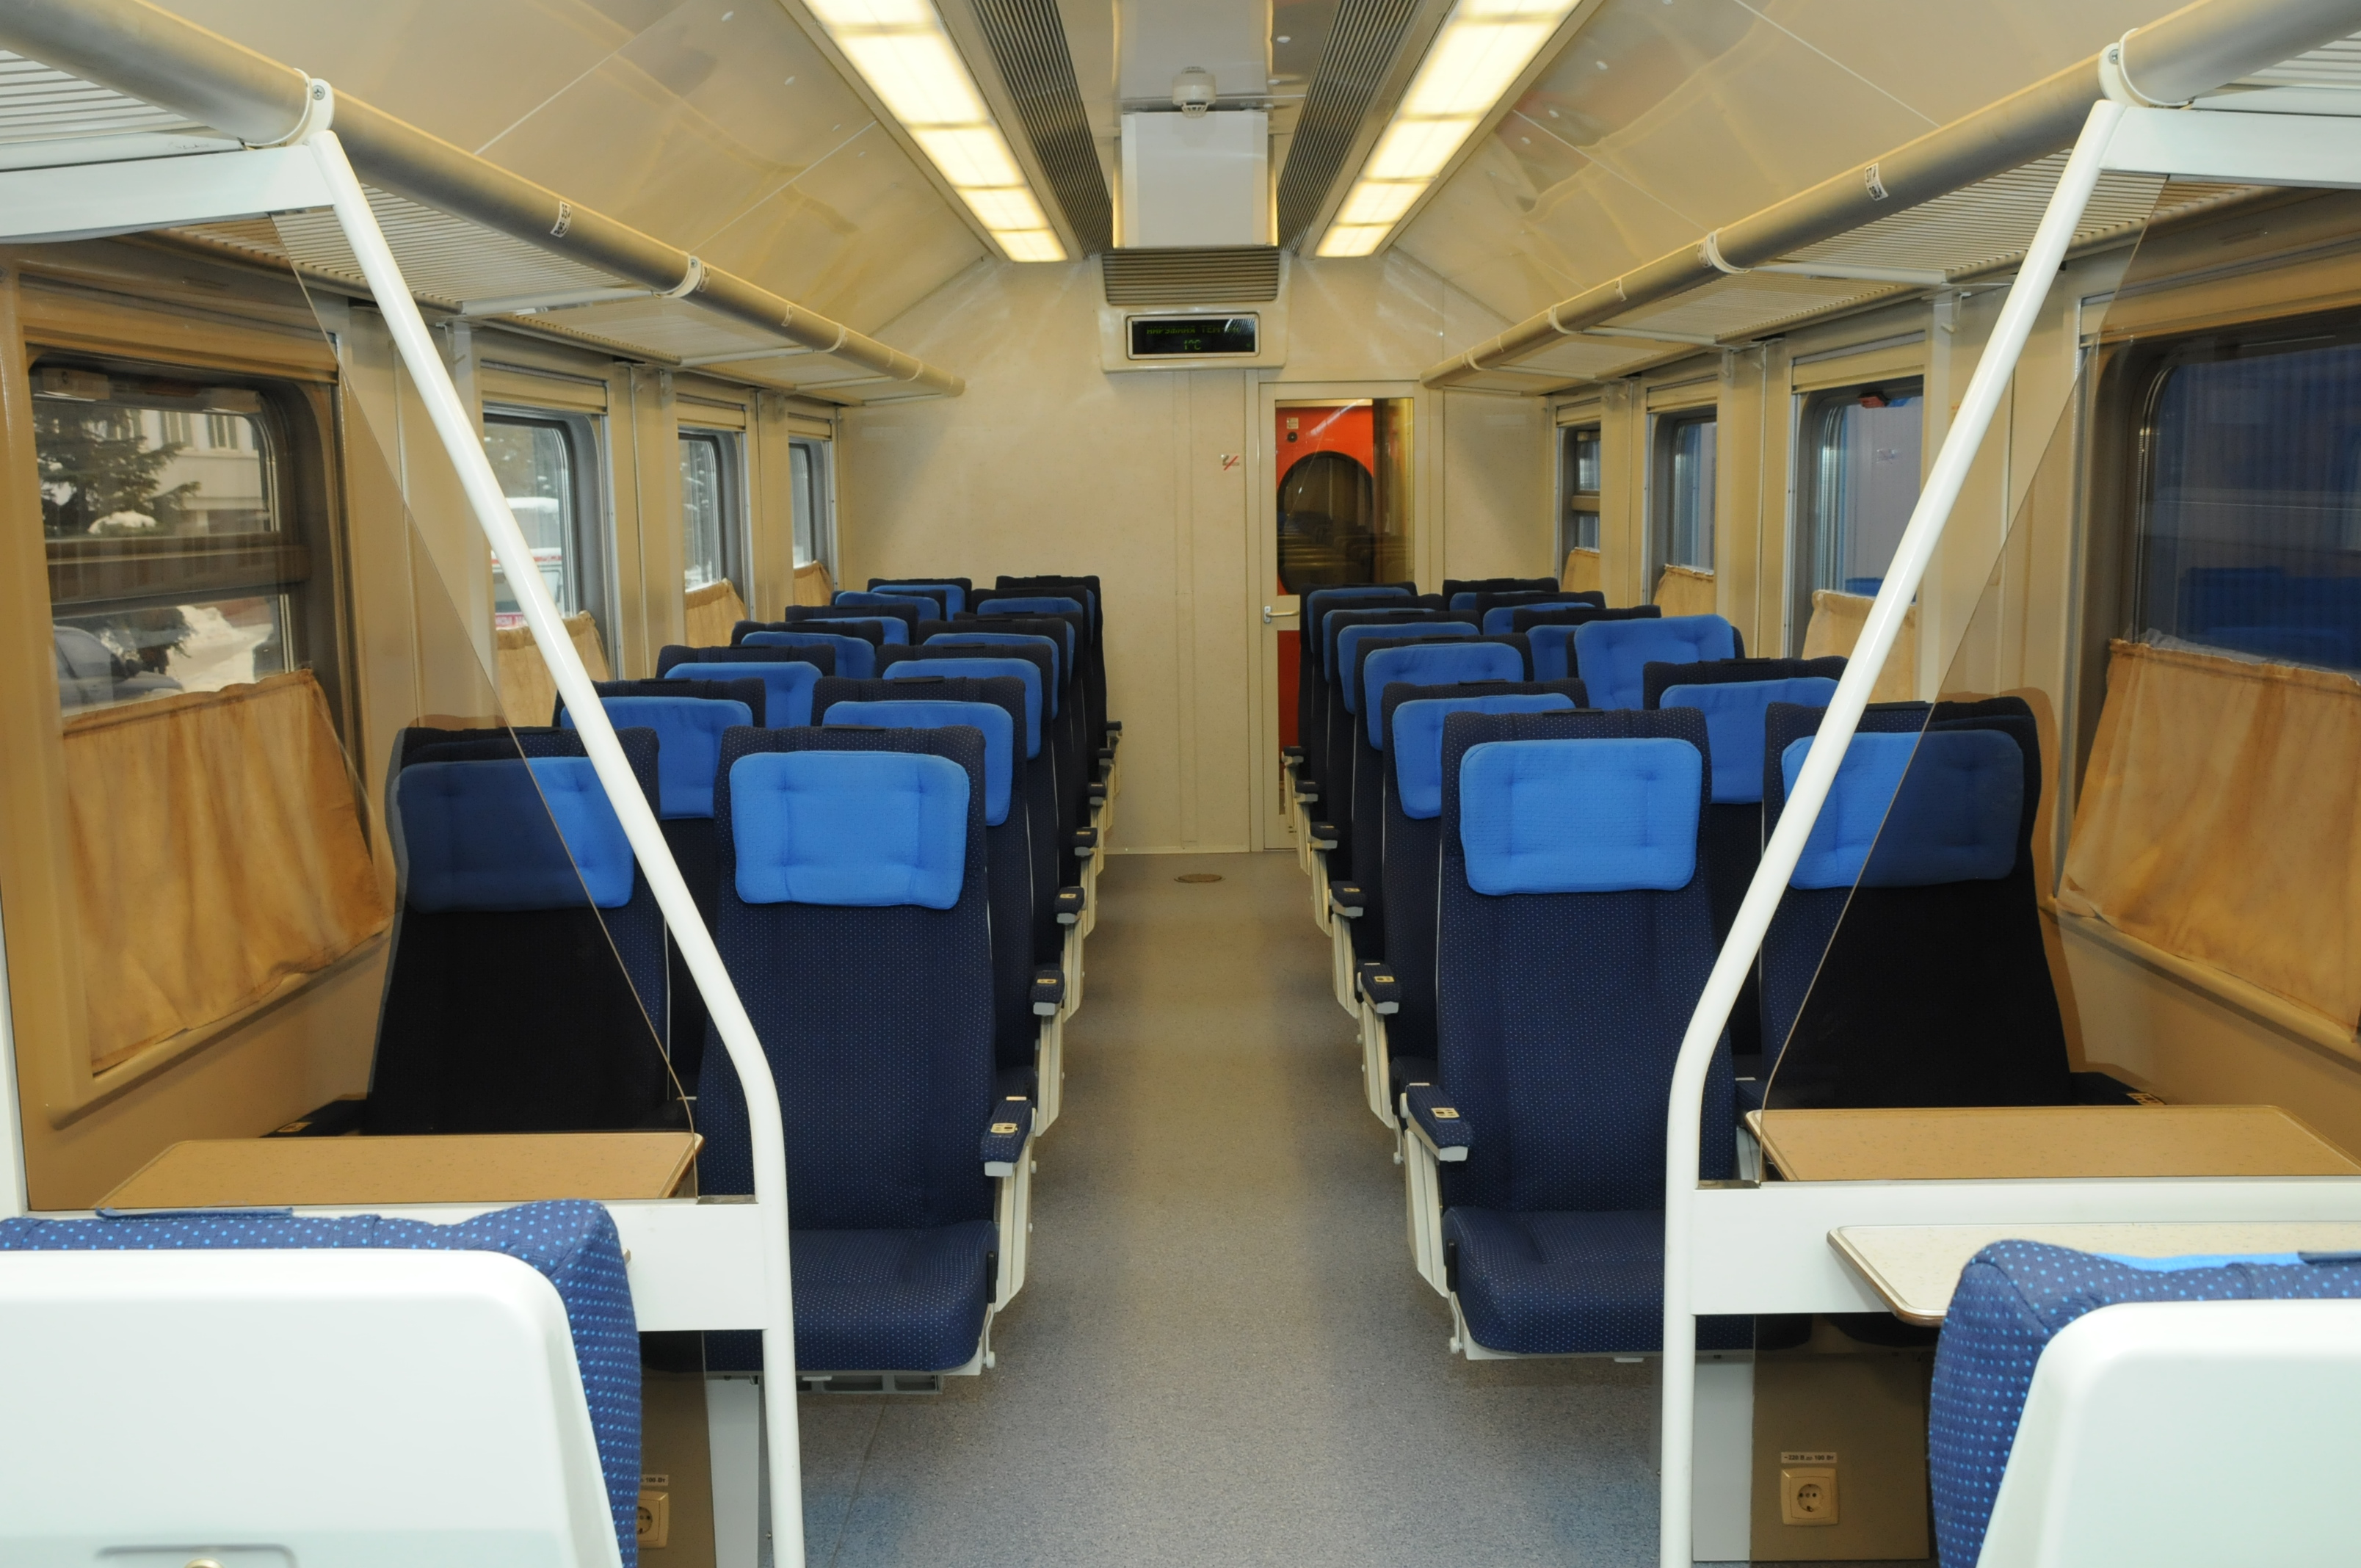 Как выбрать подходящий вагон и место в поезде  Блог